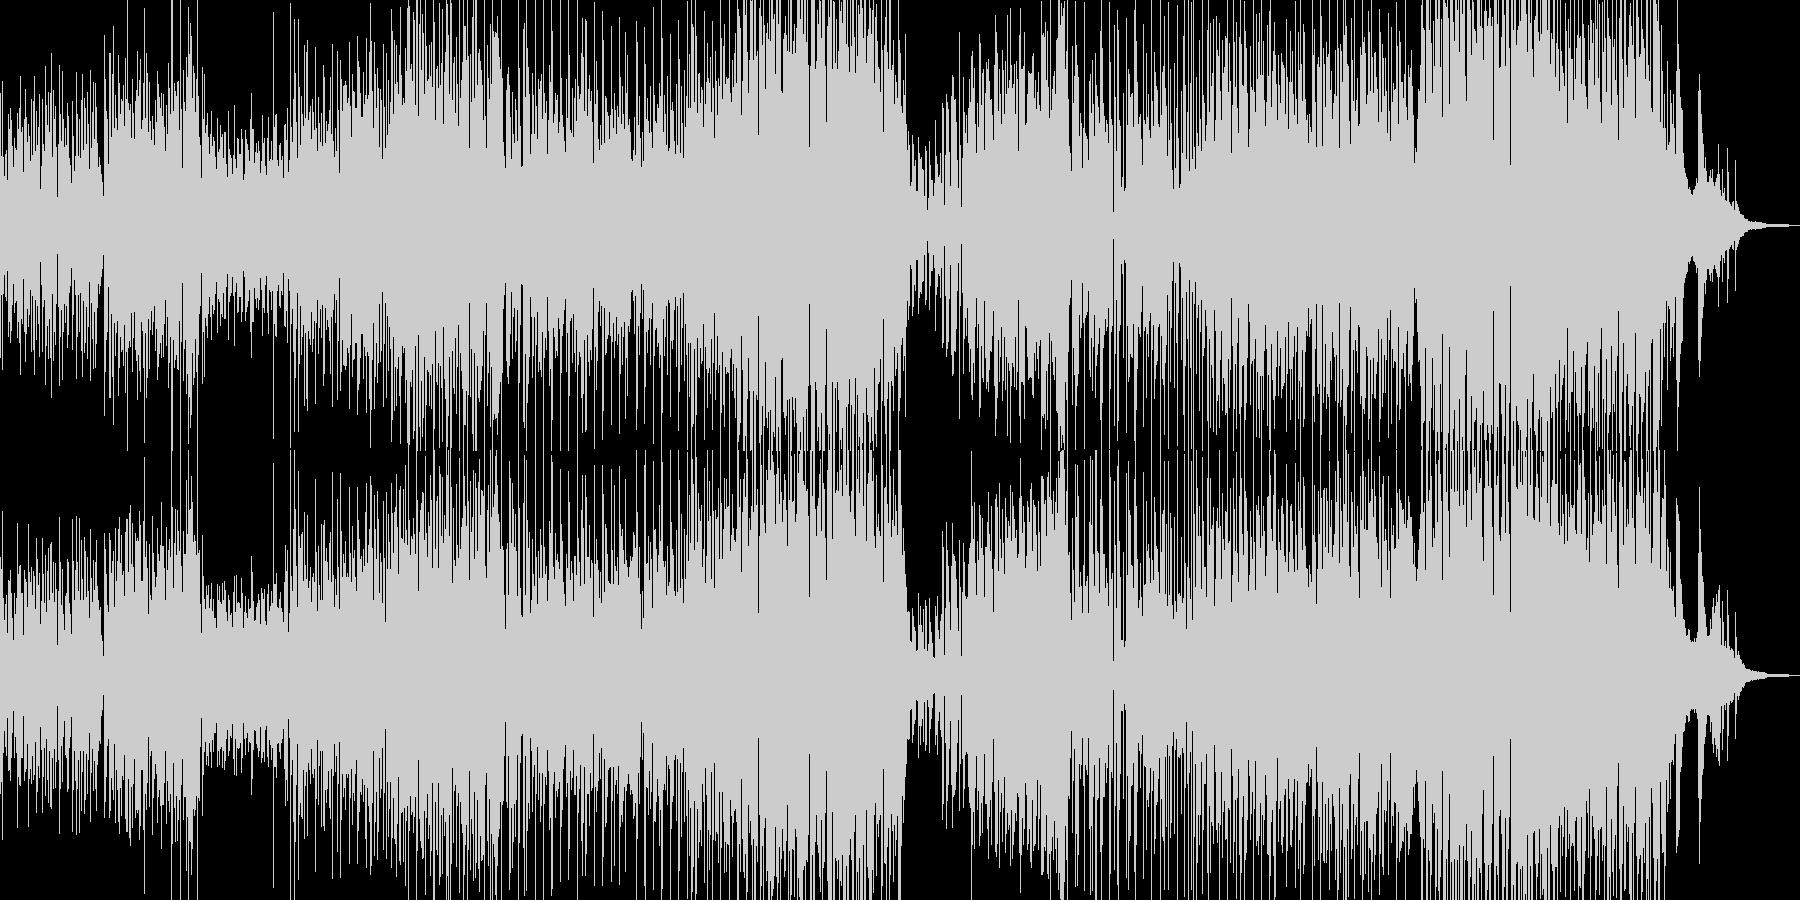 手風琴とギター・軽快で可憐なジャズ Bの未再生の波形